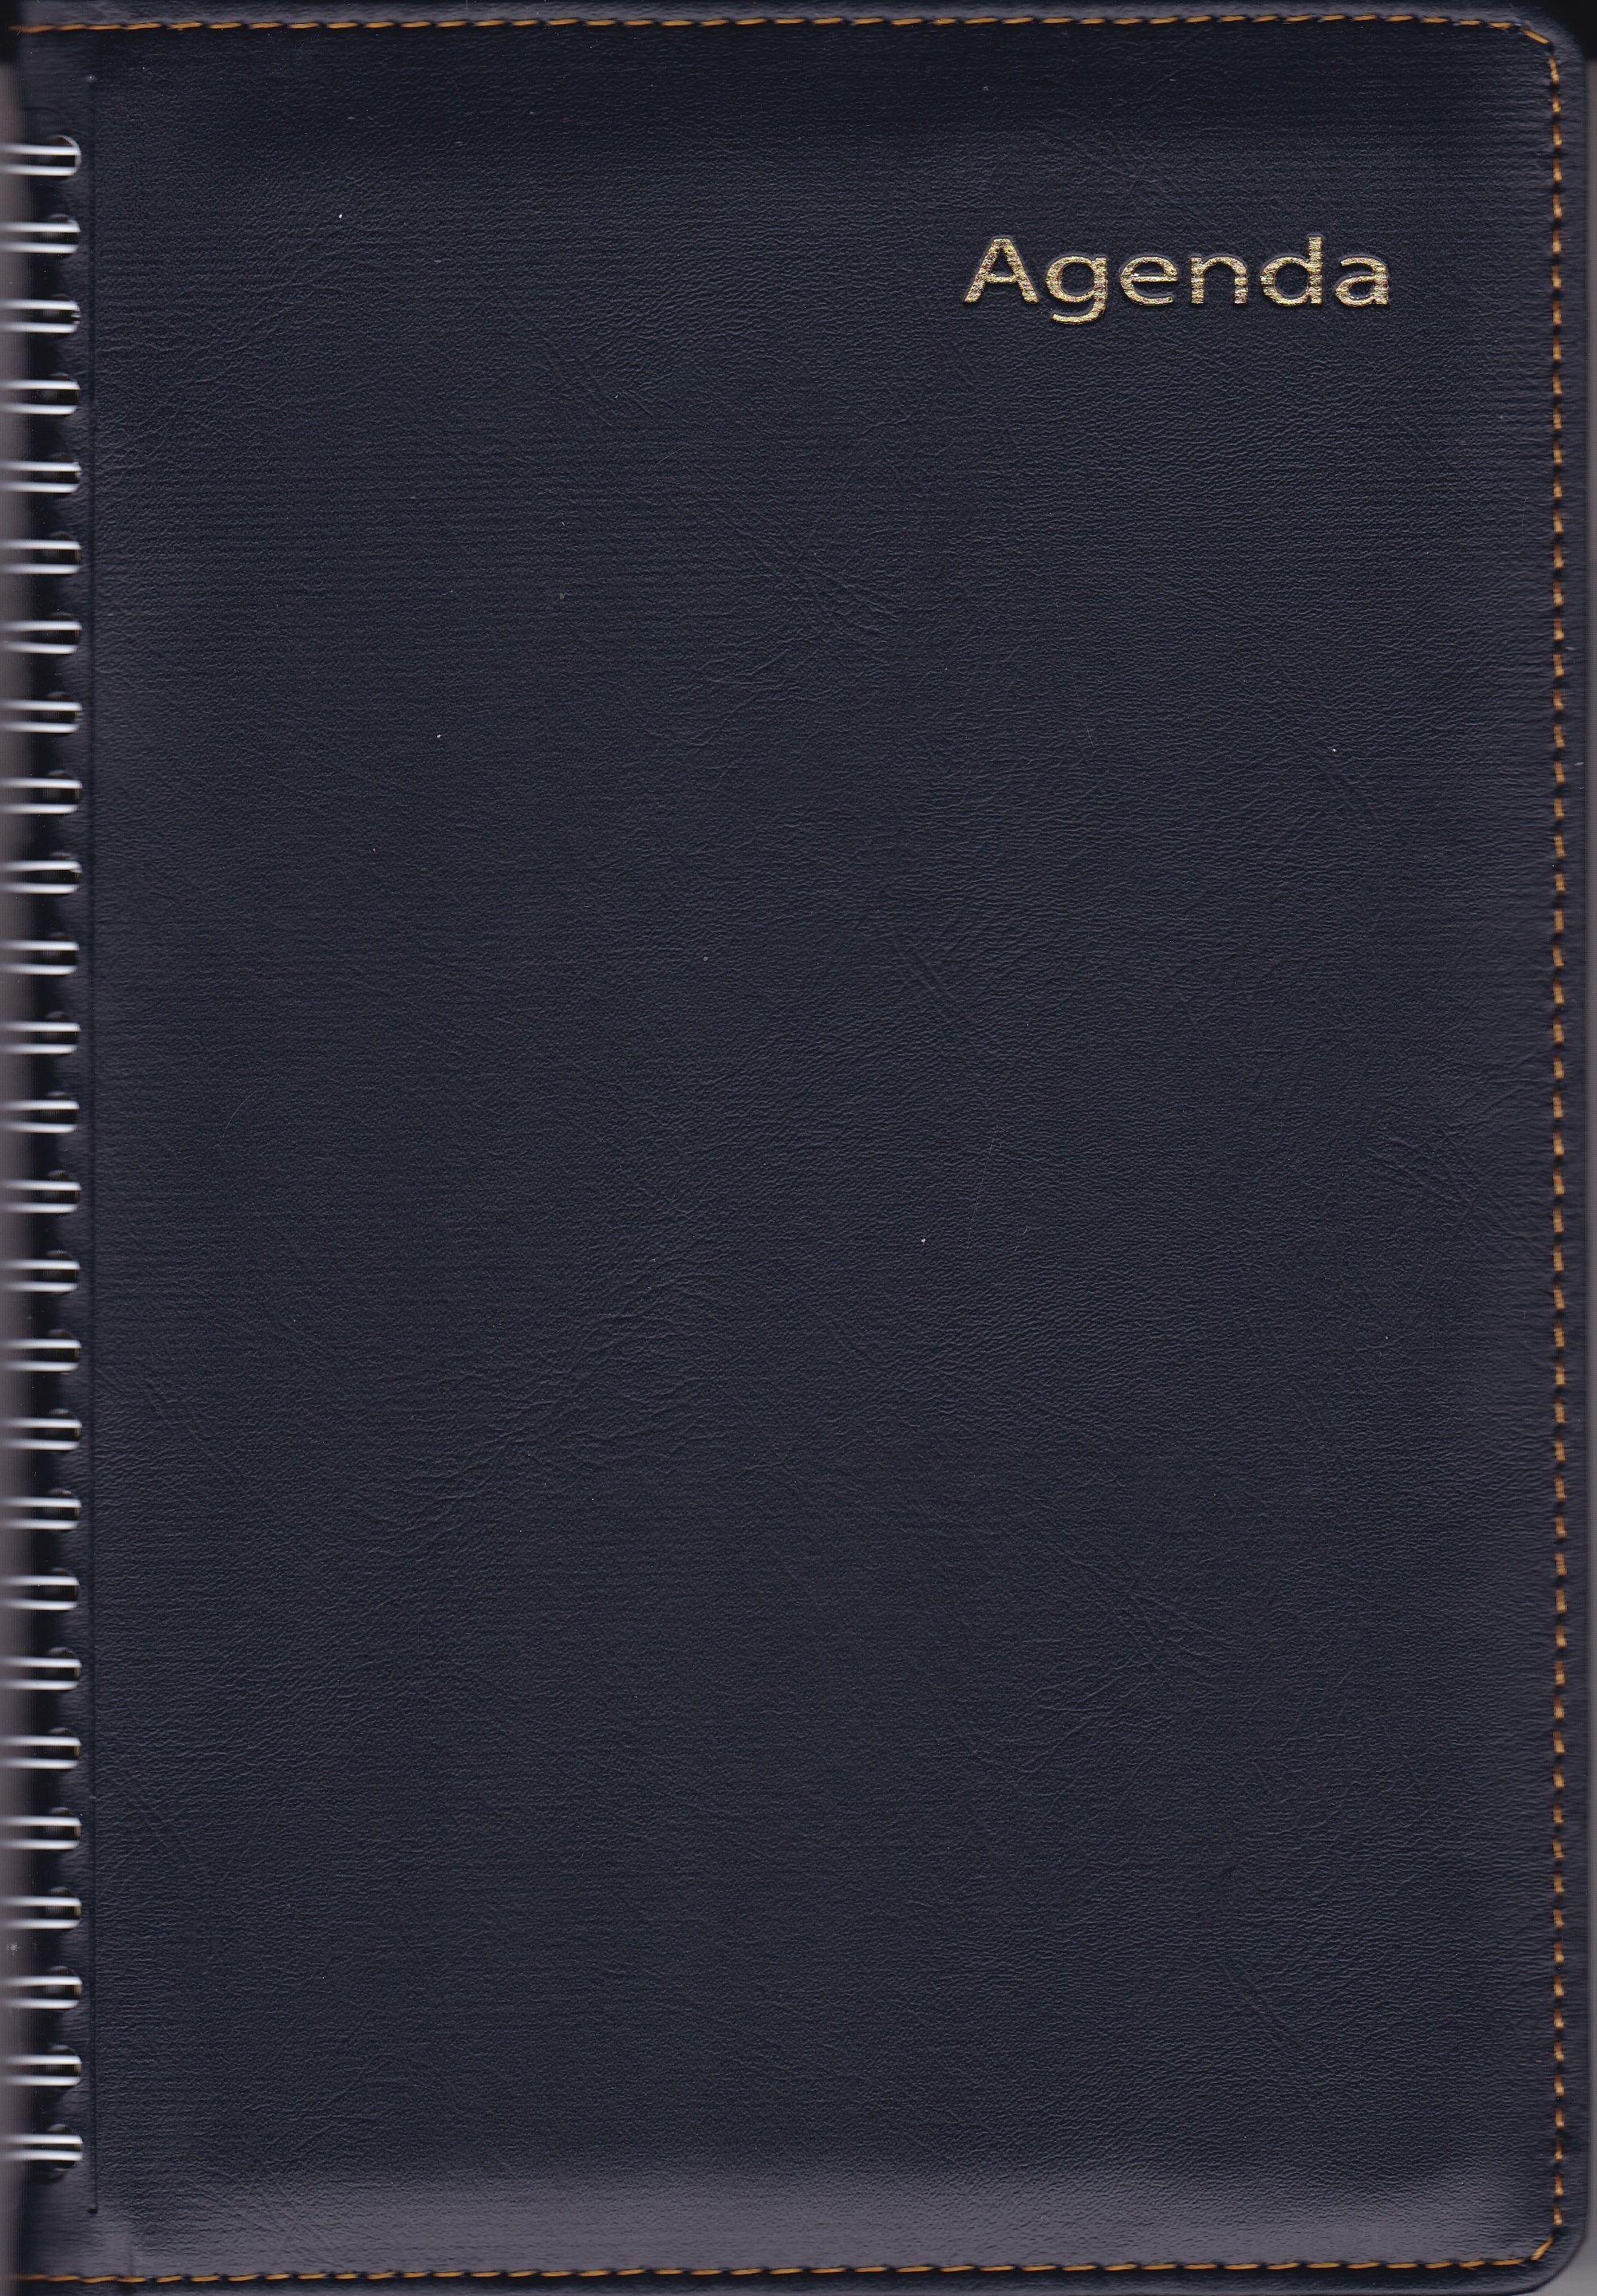 Sổ Agenda Lò Xo 2018 KV370 (16x24 cm) - Đen